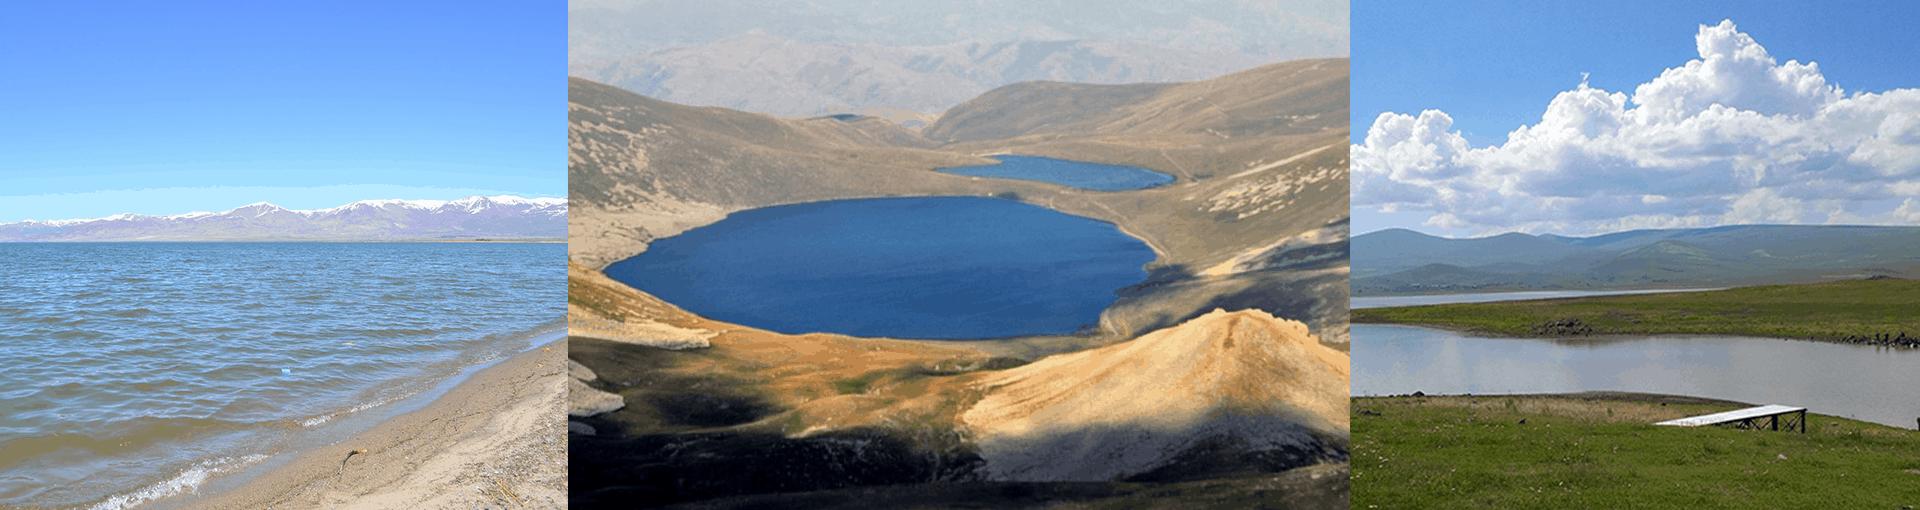 Հայաստանի լճերը